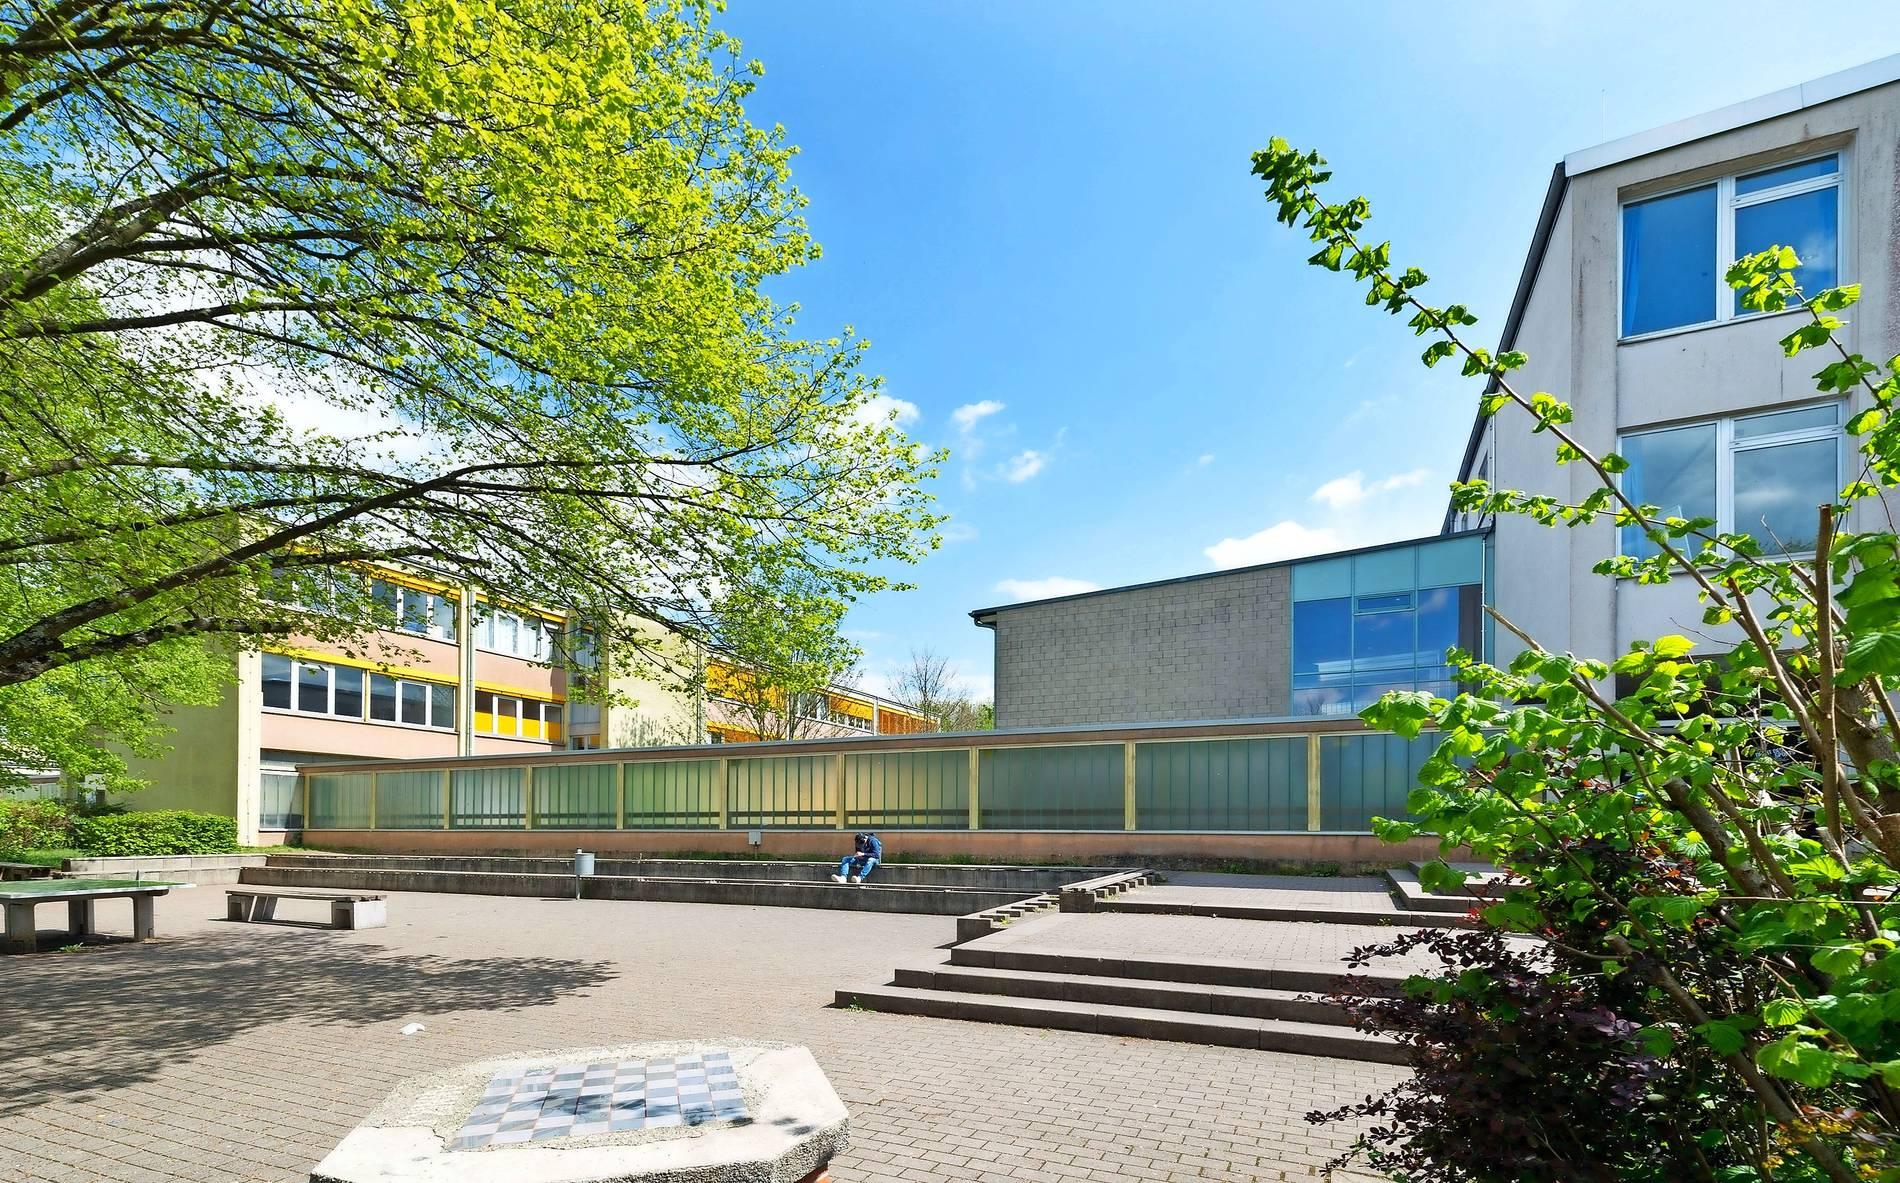 Anbau für Riegelsberger Schulen: Schulanbau wird größer und teurer